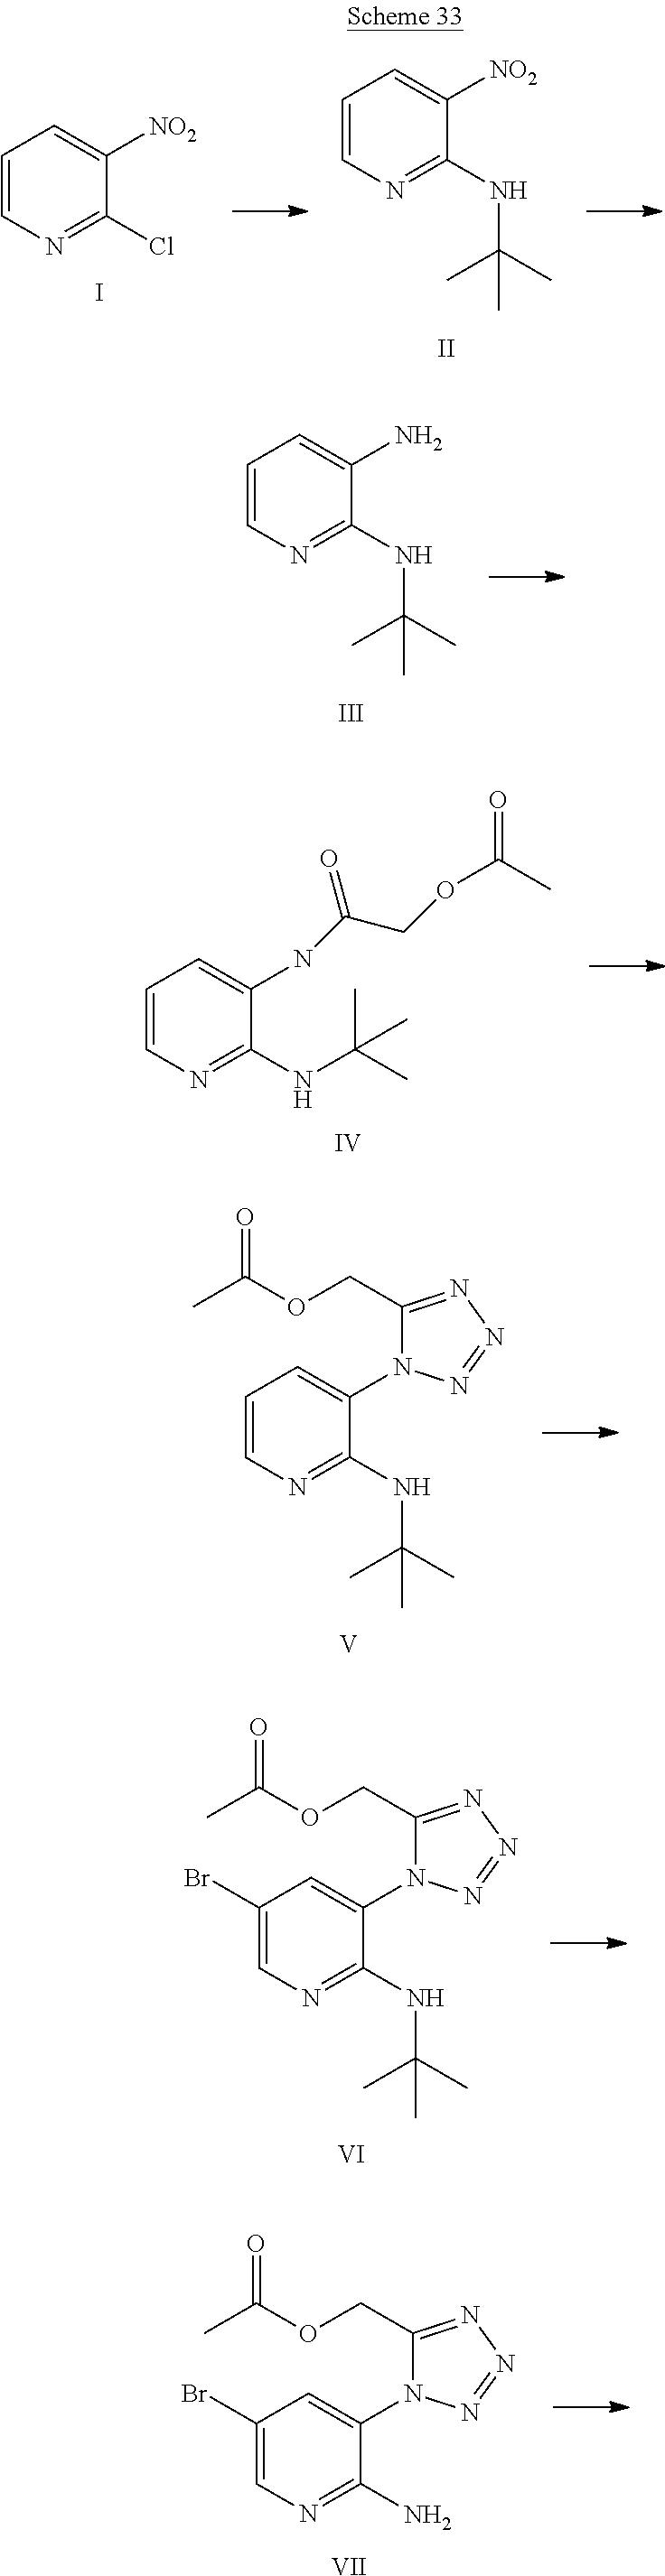 Figure US09908879-20180306-C00064